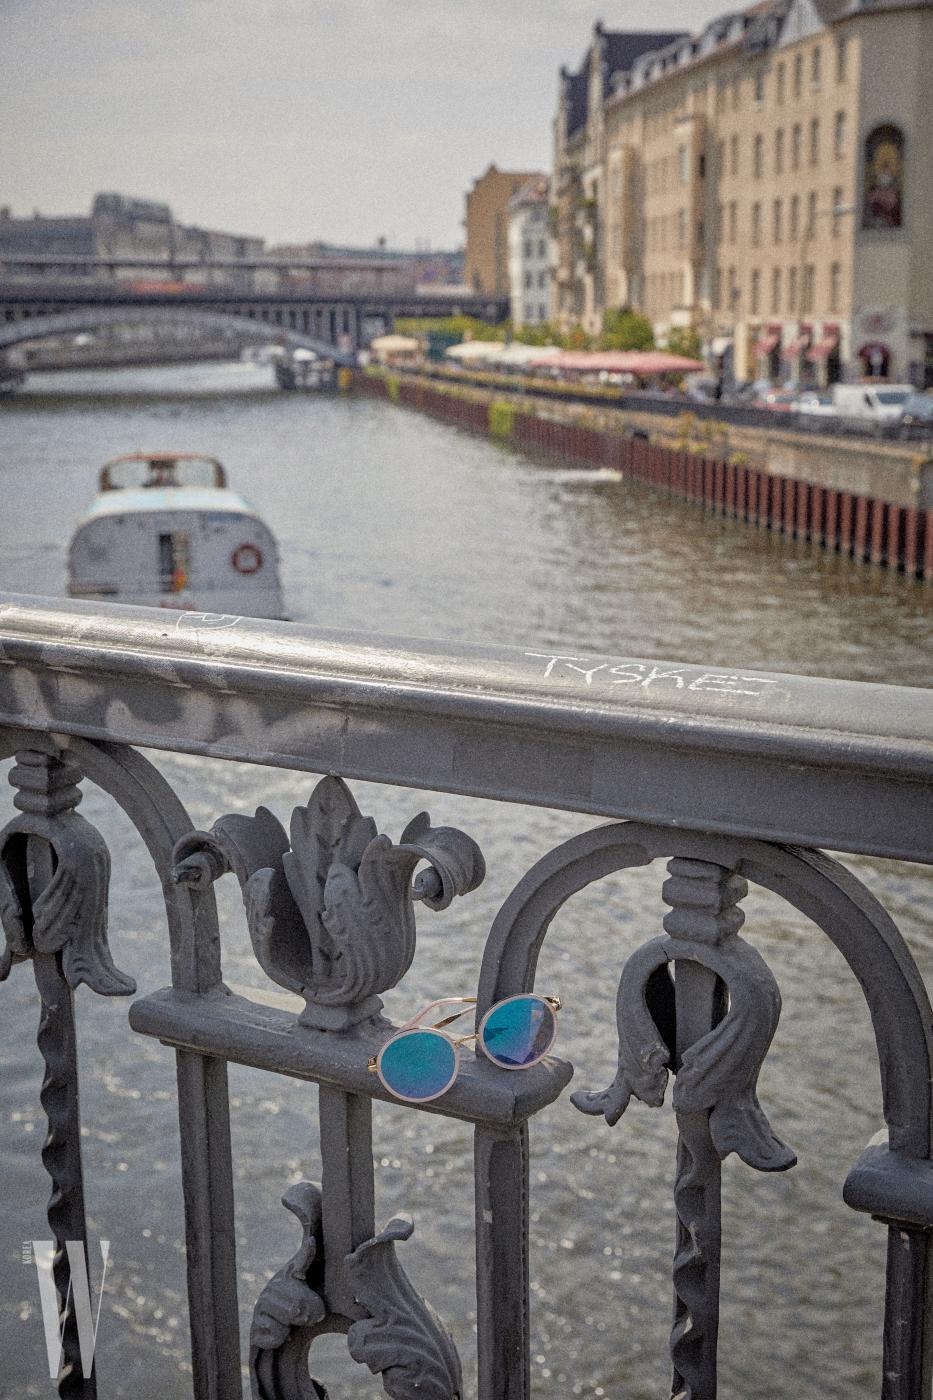 청량한 푸른색 렌즈가 멋진선글라스는 에디 하디by 룩옵티스 제품. 28만5천원.